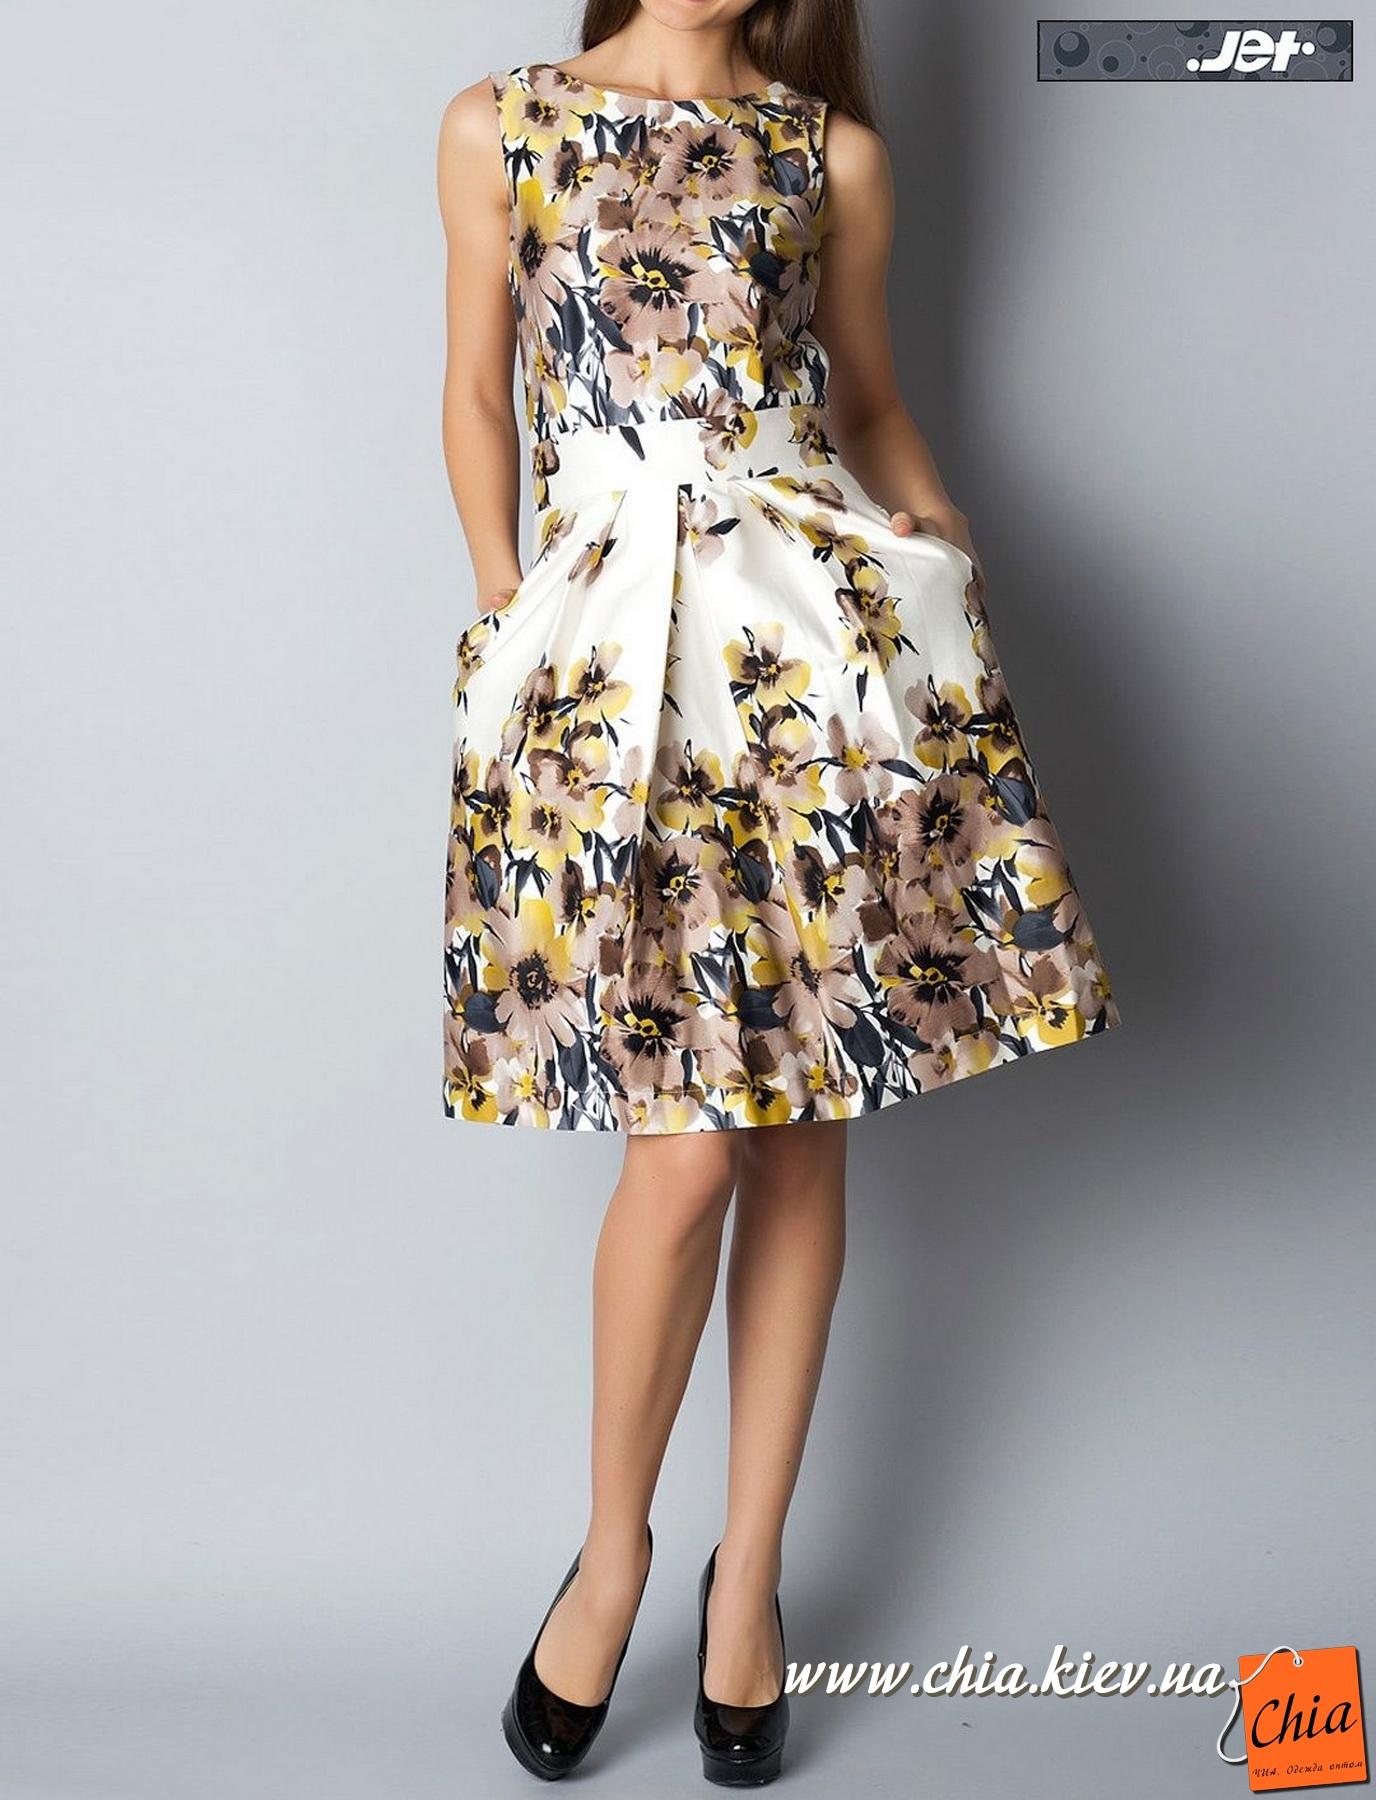 Платье jet купить в украине